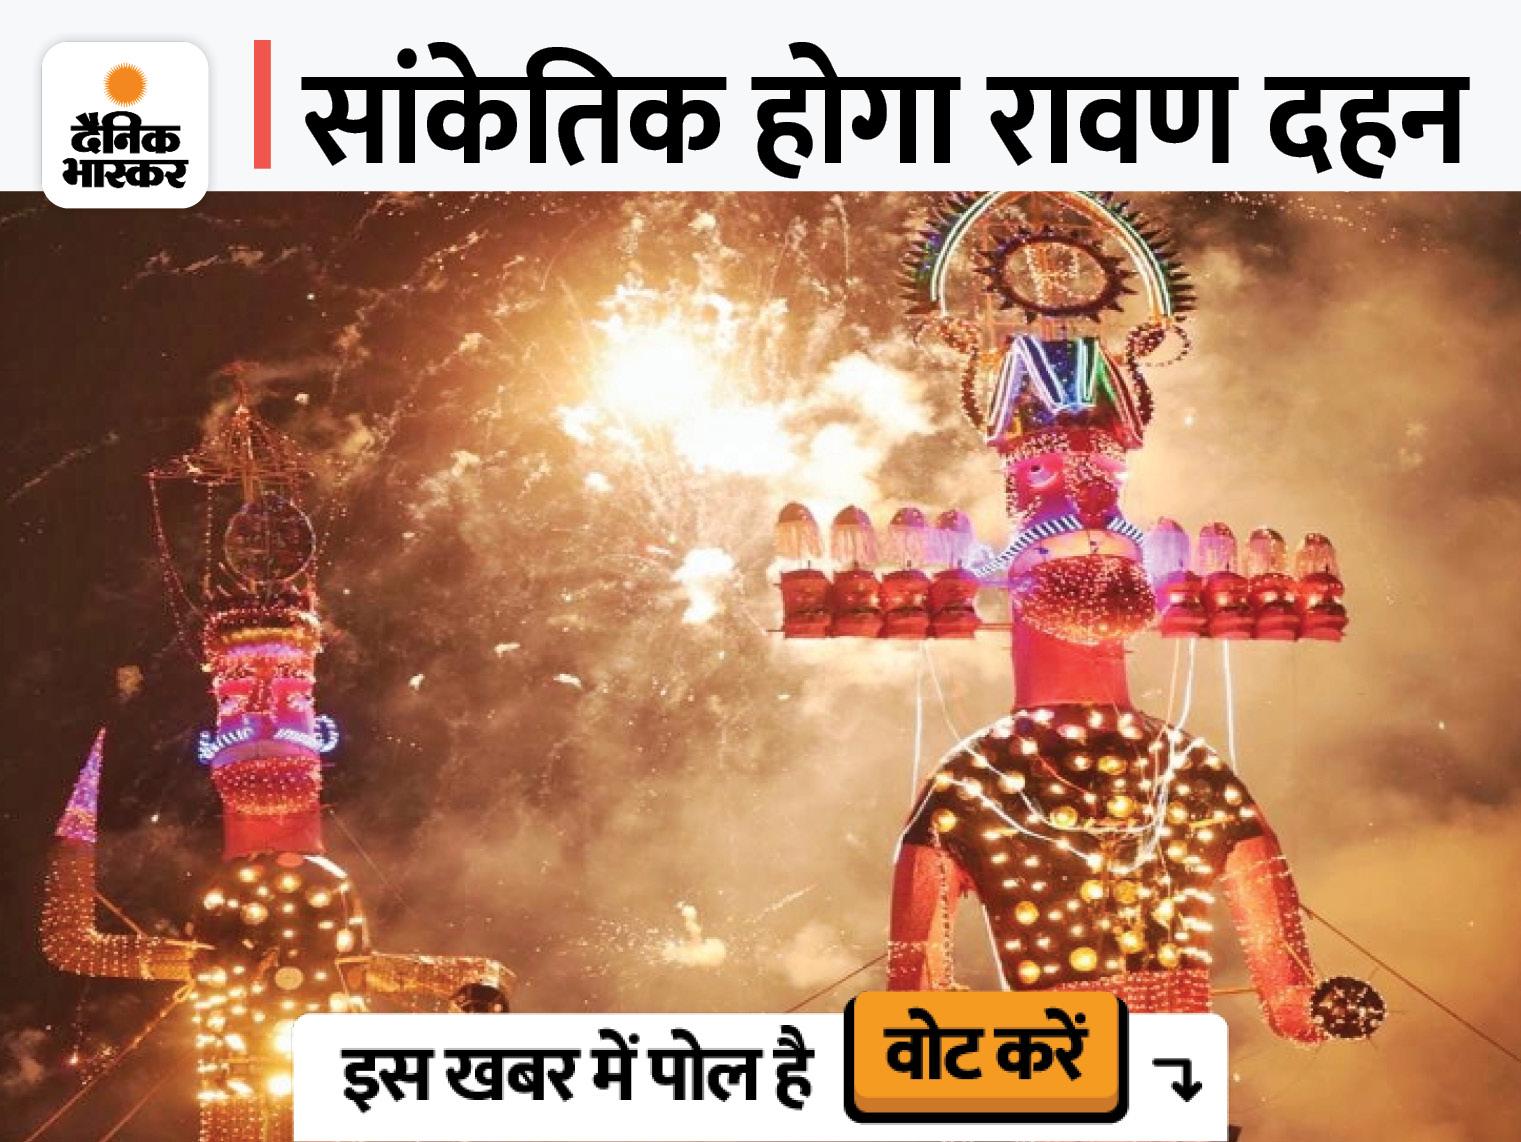 जयपुर में ऑनलाइन दिखाया जाएगा रावण दहन, कोटा में रावण का कद घटकर 25 फीट पहुंचा|जयपुर,Jaipur - Dainik Bhaskar